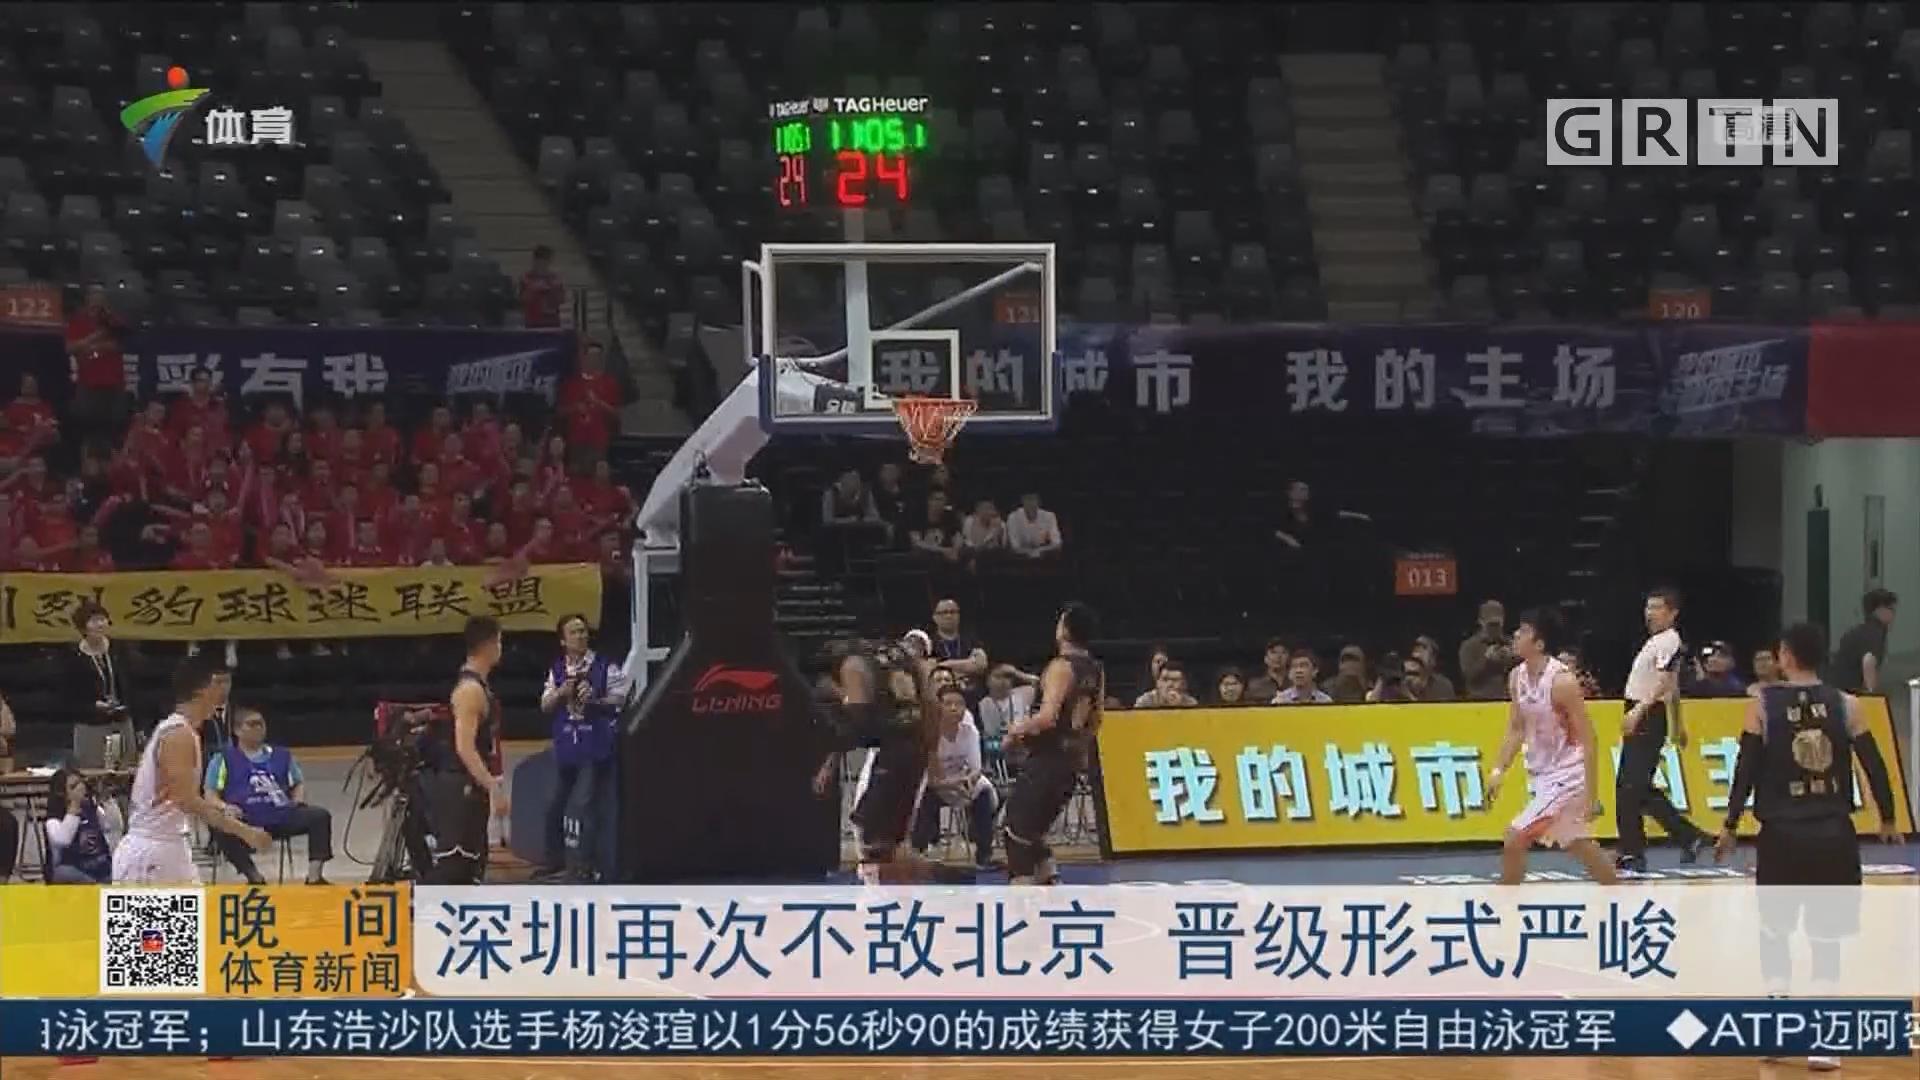 深圳再次不敌北京 晋级形势严峻(二)